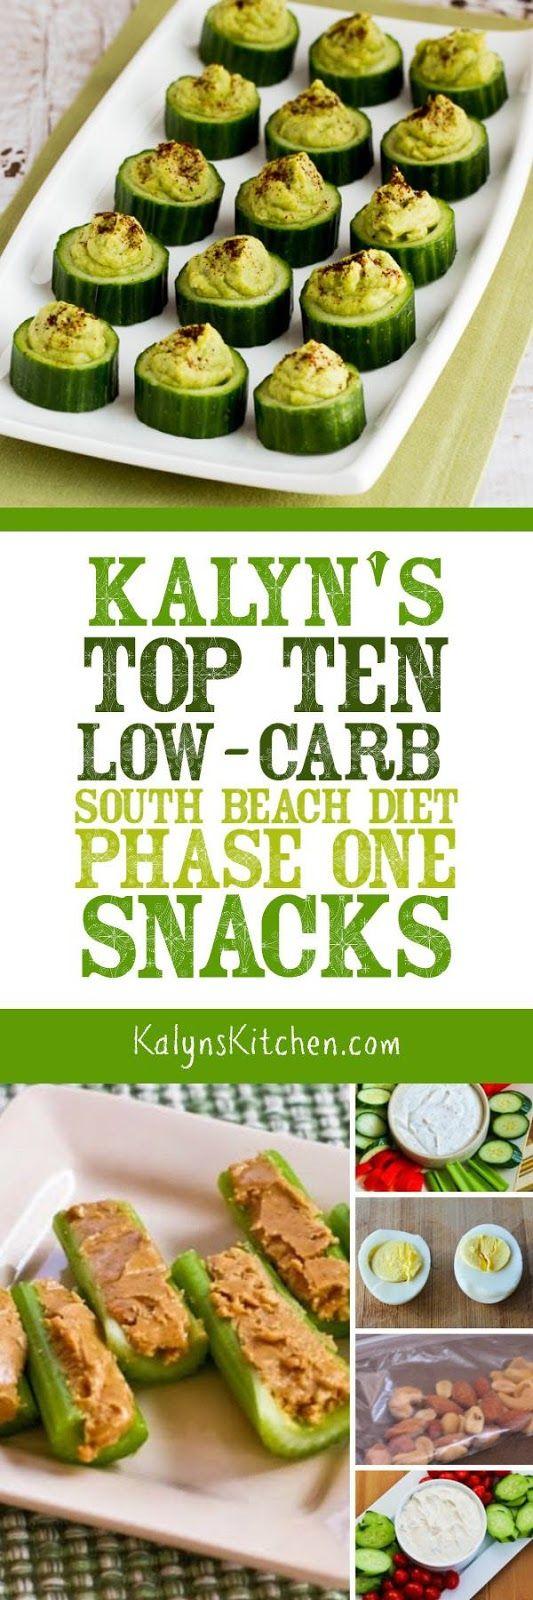 Kalyn S Top Ten Low Carb Snacks South Beach Diet Diet Snacks Beach Meals